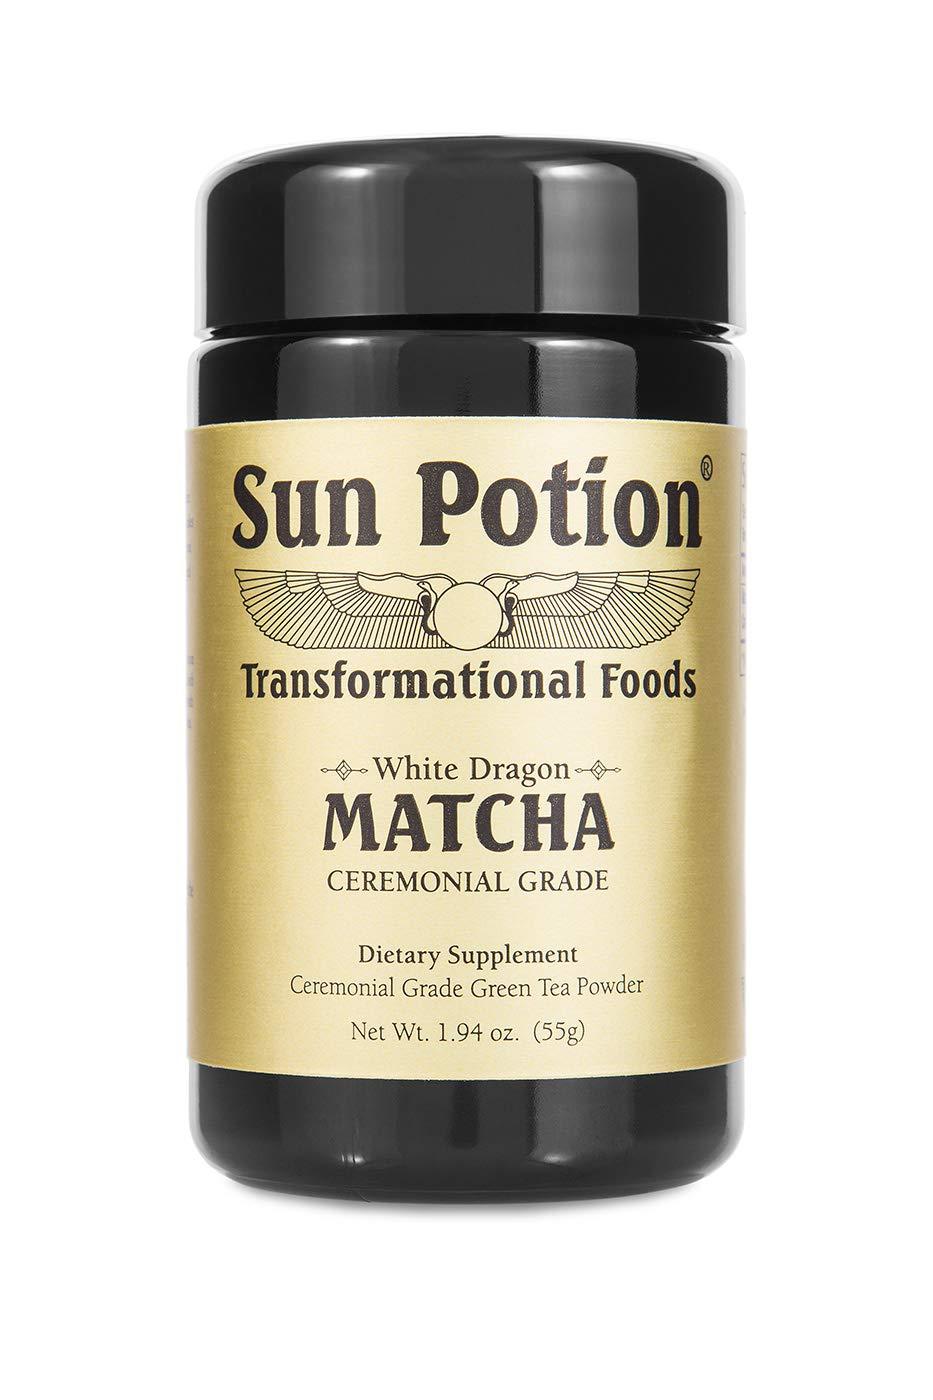 Sun Potion White Dragon Matcha - Ceremonial Grade Green Tea Powder (55g) by Sun Potion